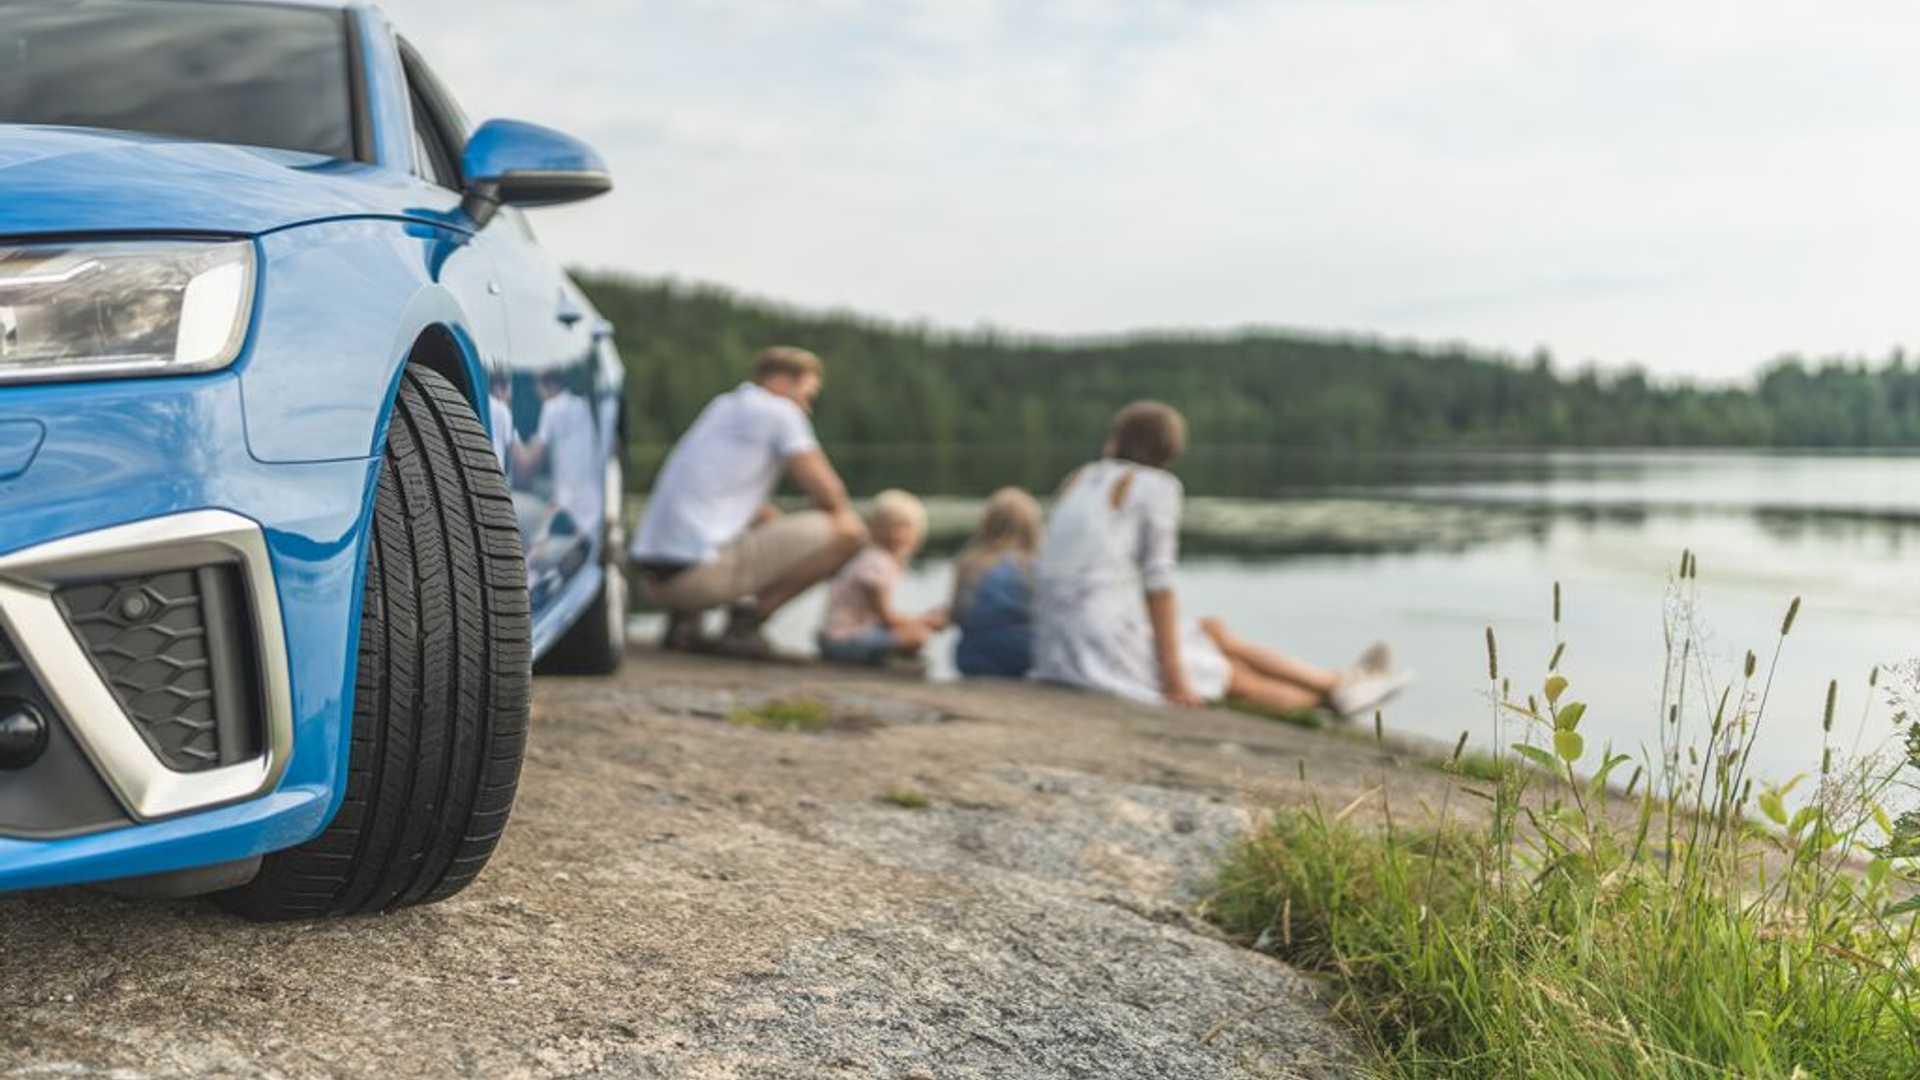 Ожидаемый срок службы всесезонных шин Nokian One составляет 80000 миль